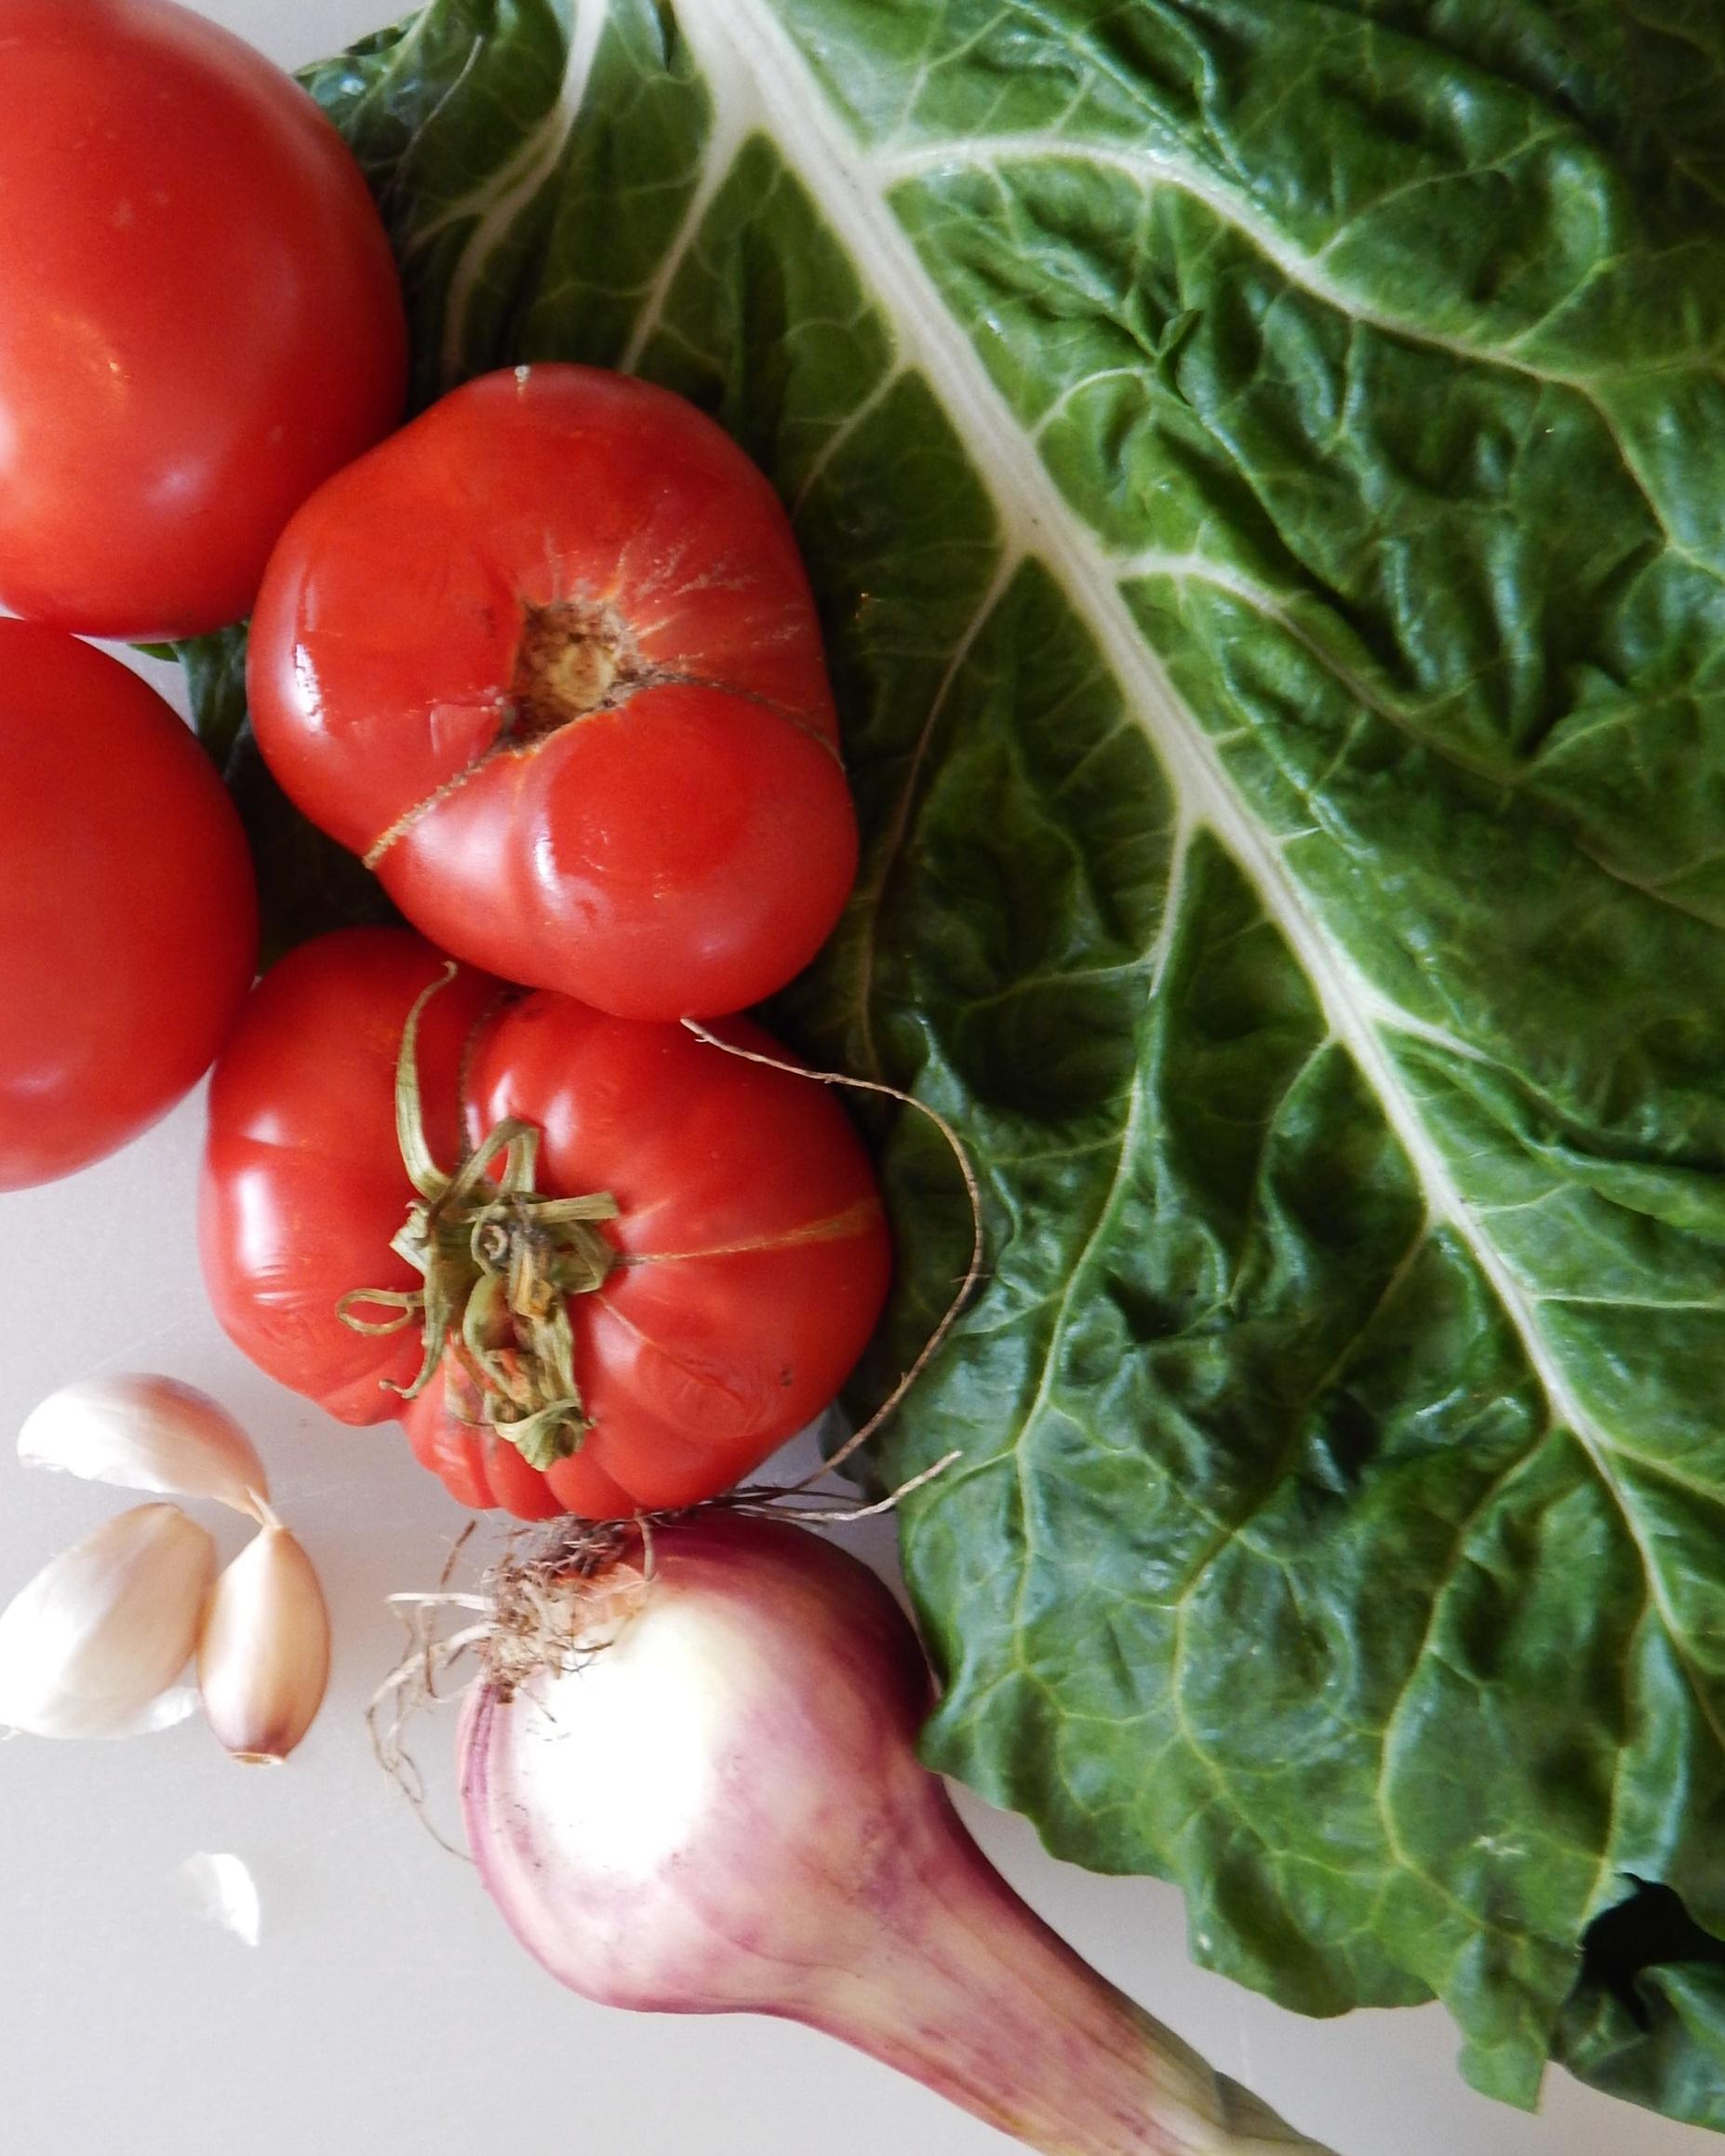 Tomatoe5_7_22.jpg